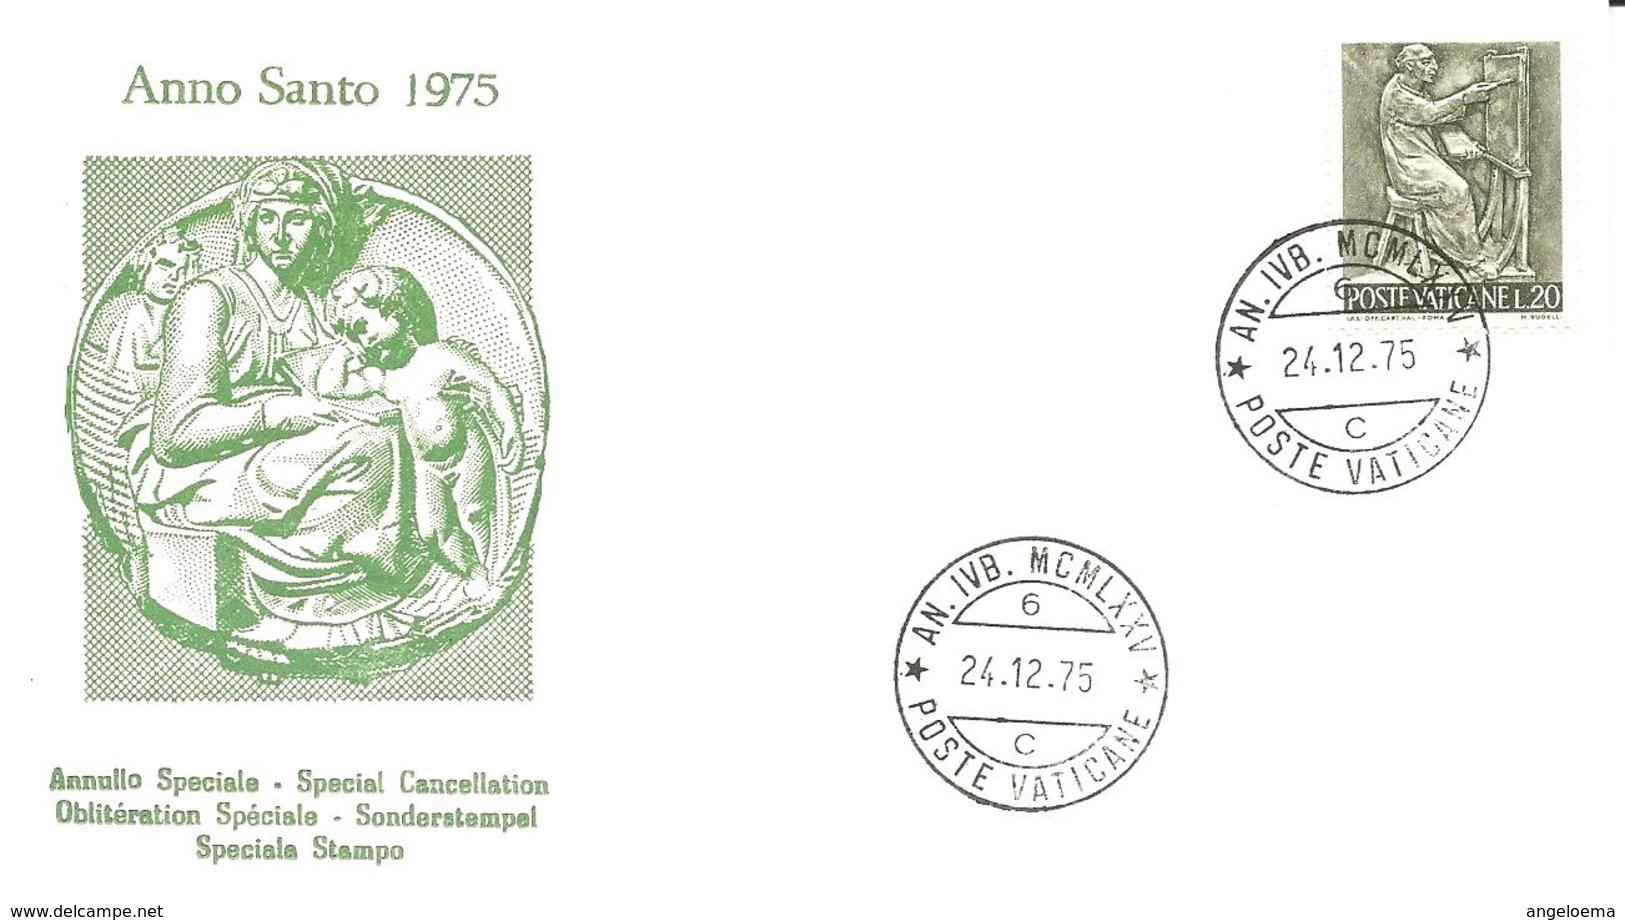 VATICANO - 1975 ANNO SANTO Annullo Ordinario AN.IVB.MCMLXXV 6 C (ufficio Centrale) - Papi